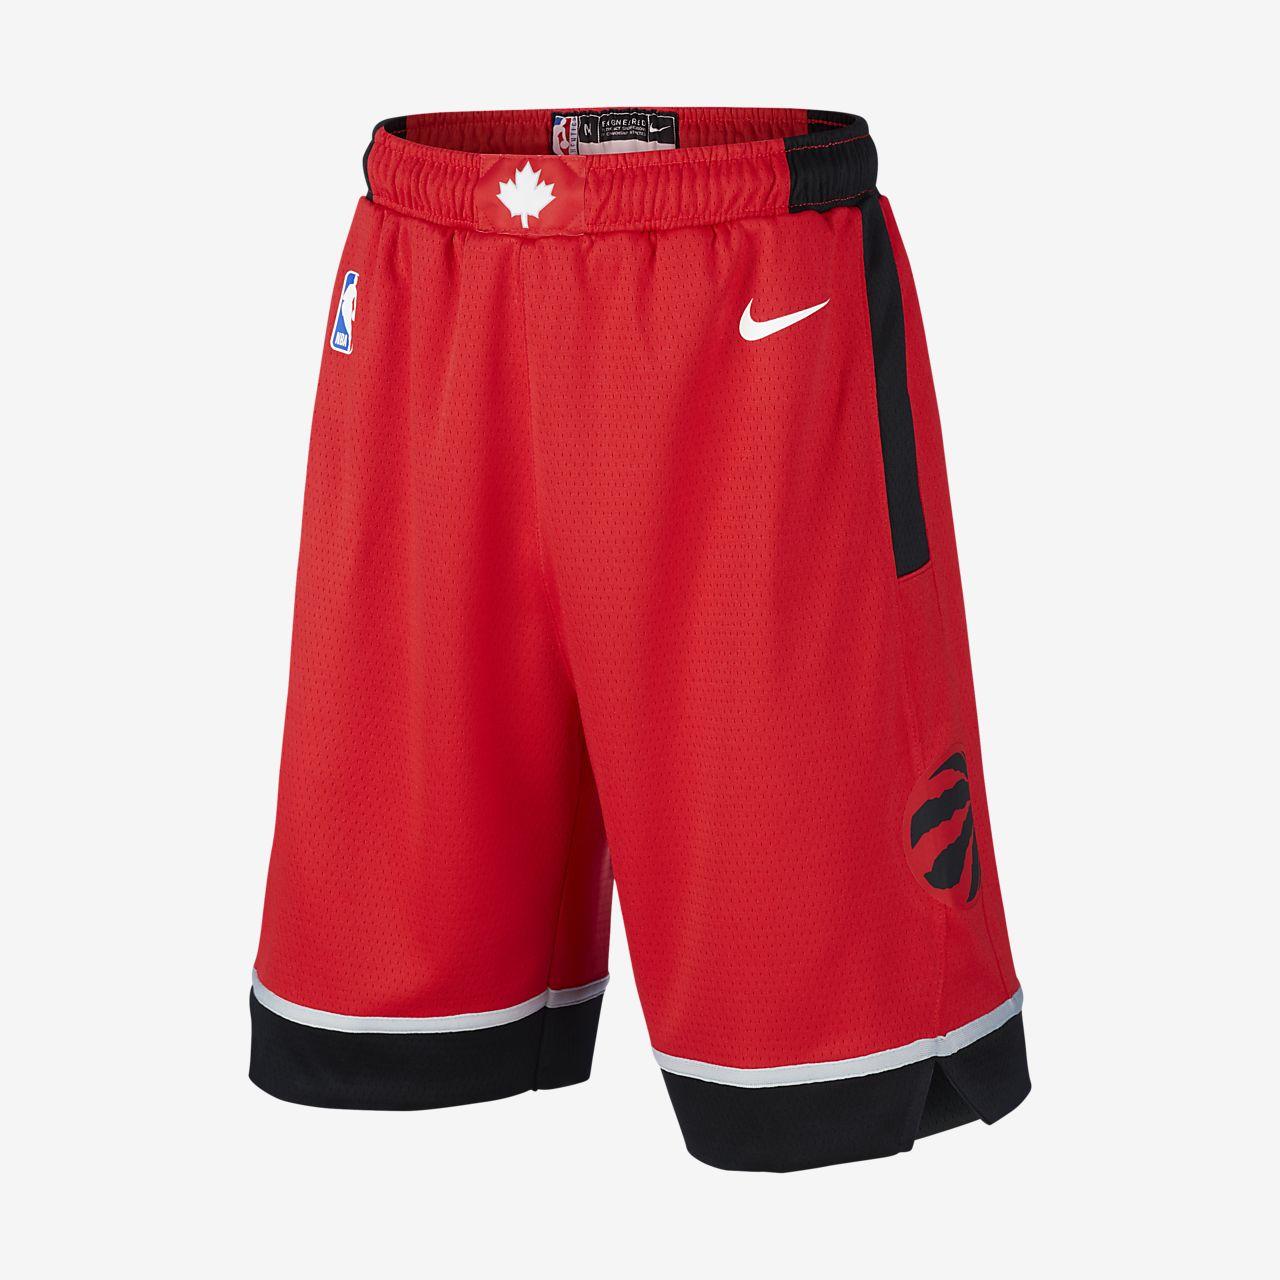 Spodenki dla dużych dzieci Nike NBA Swingman Toronto Raptors Icon Edition